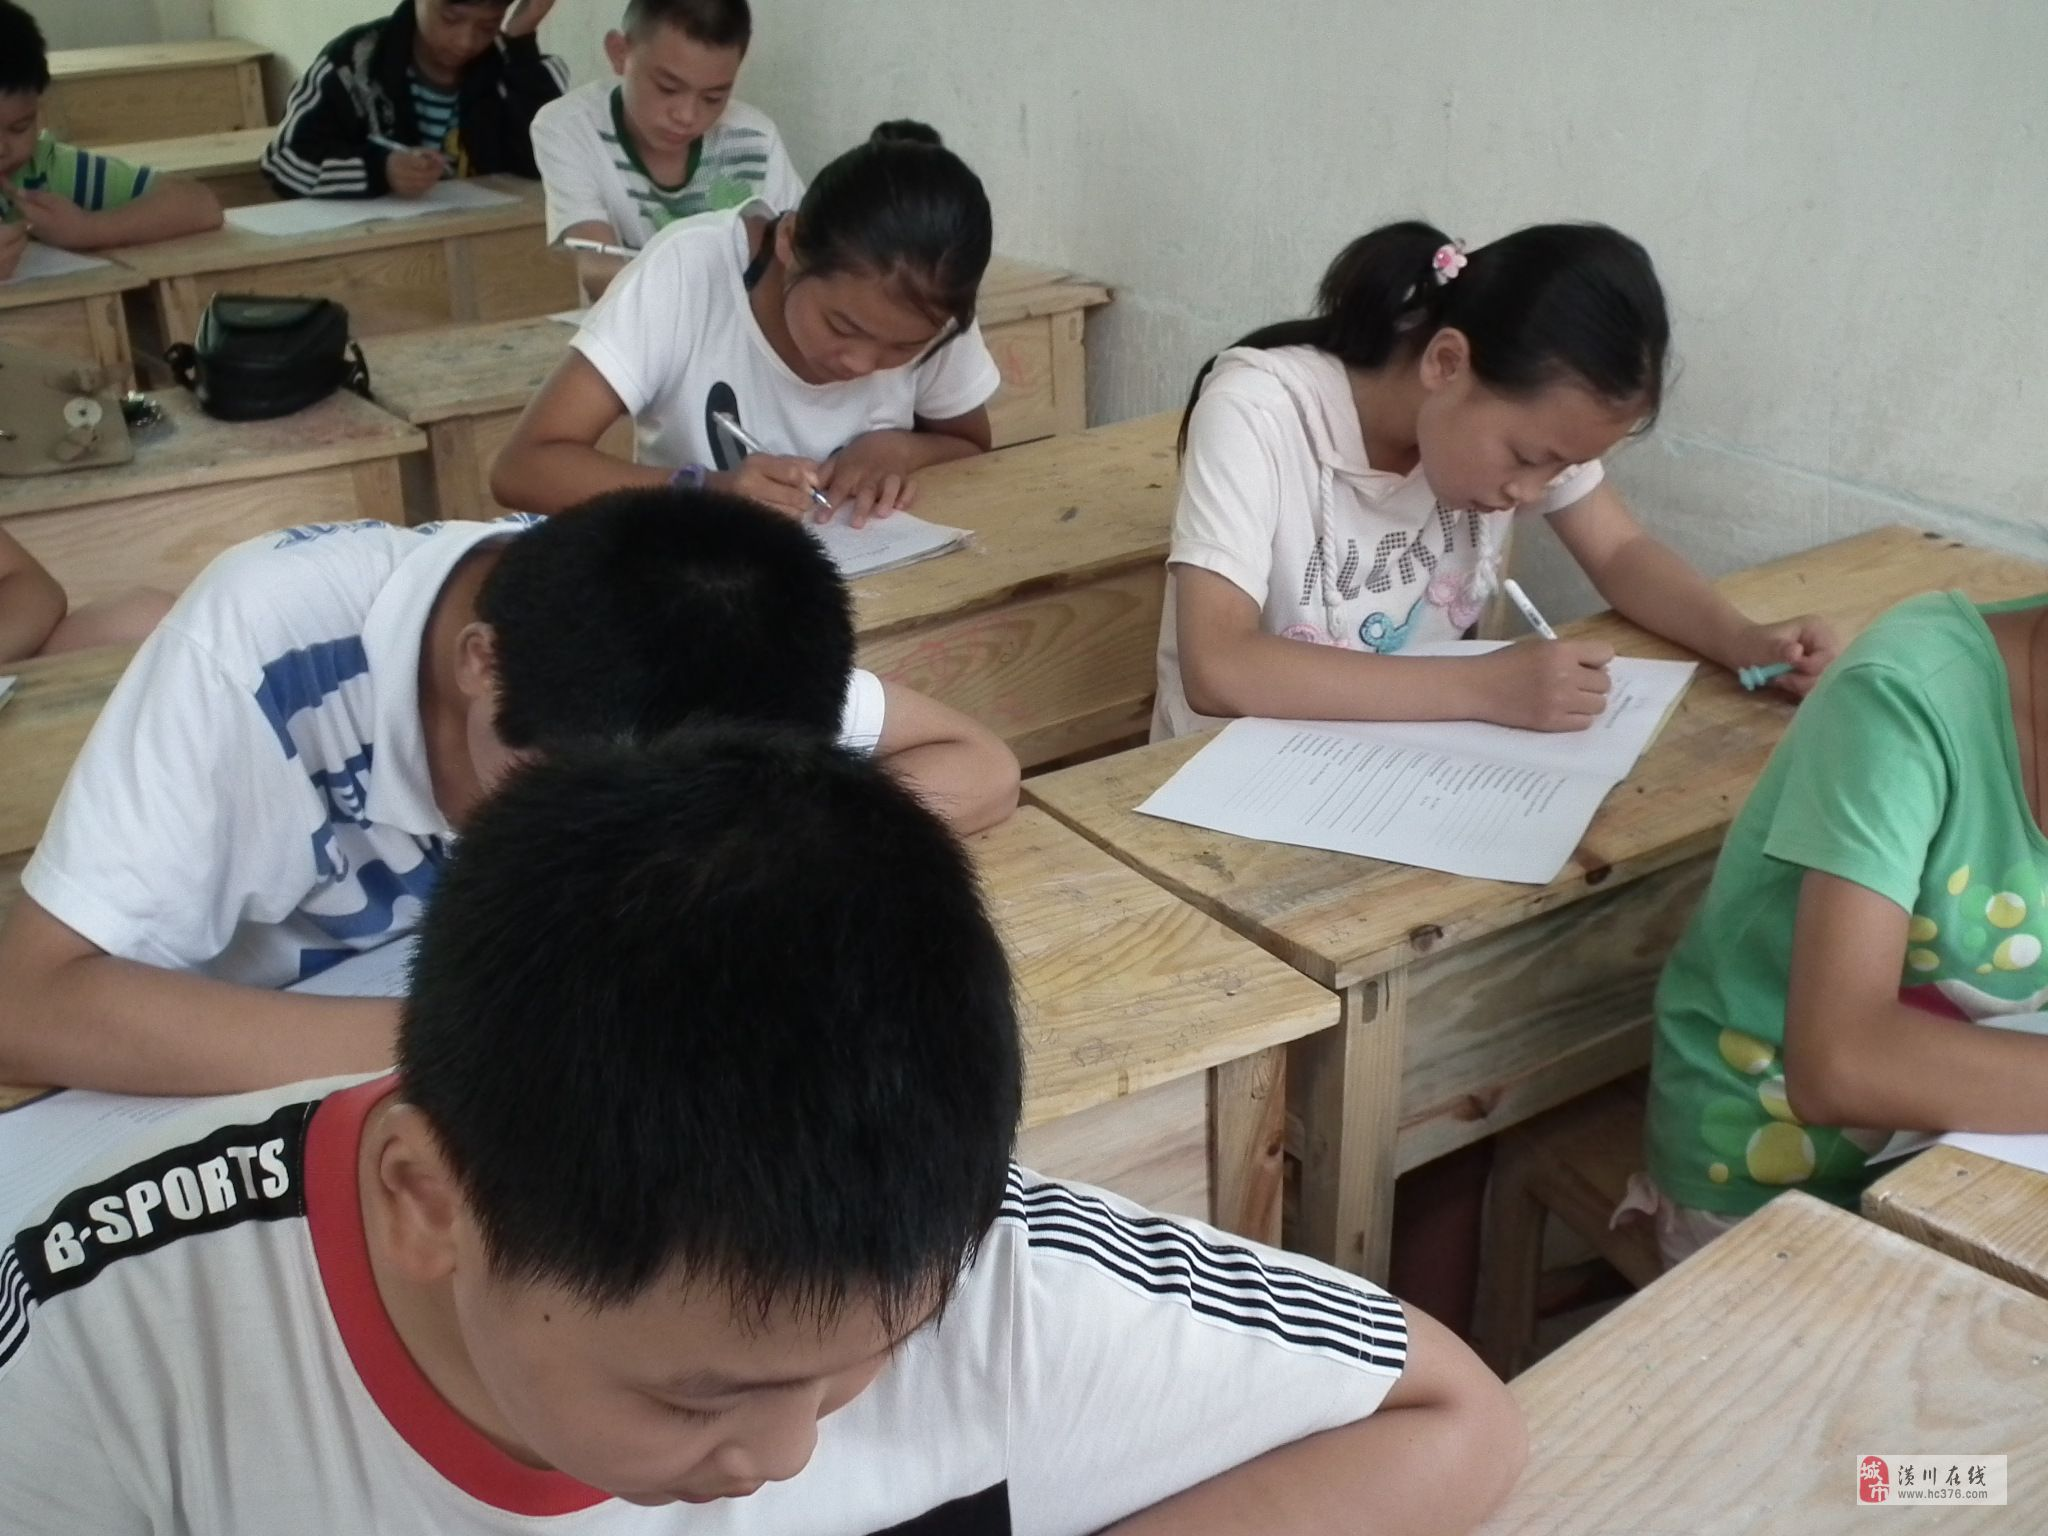 百嘉新东方教育培训招聘英语,绘画老师